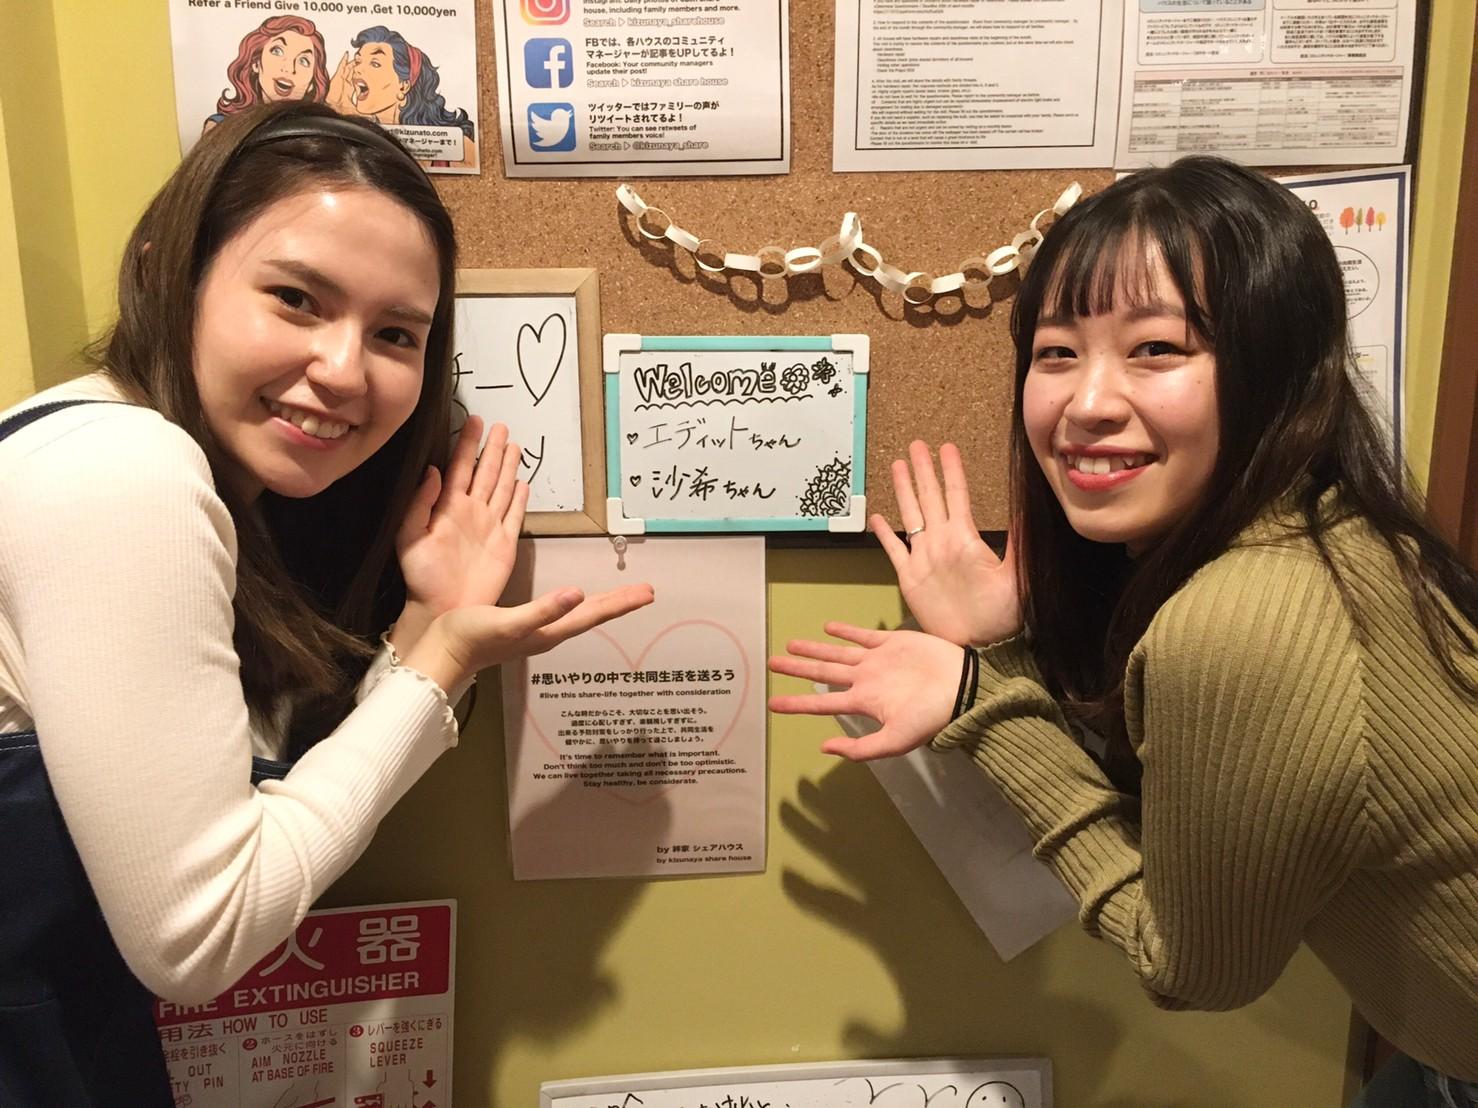 (JP) 「コロナに負けたくない!から始まった1ヶ月の物語」東京 東武練馬 toiro・エディちゃんの場合